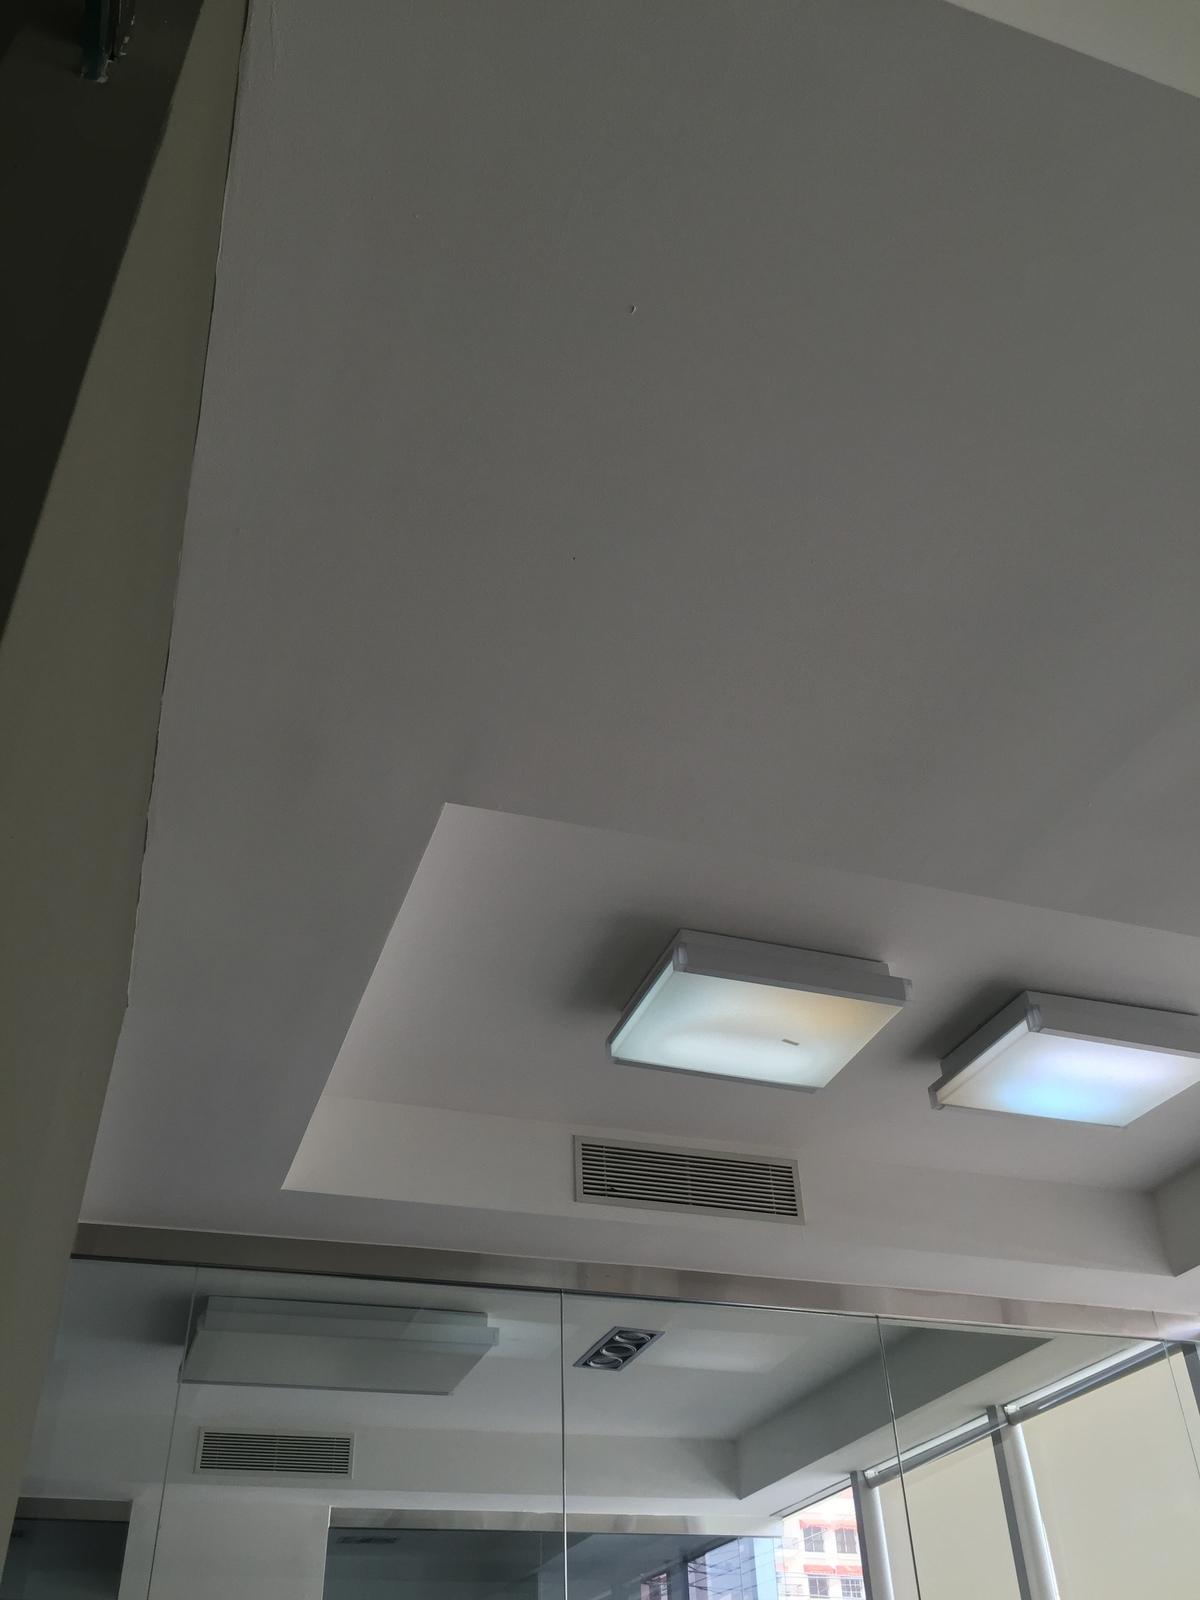 10 de 12: plafones y luminarias decorativas